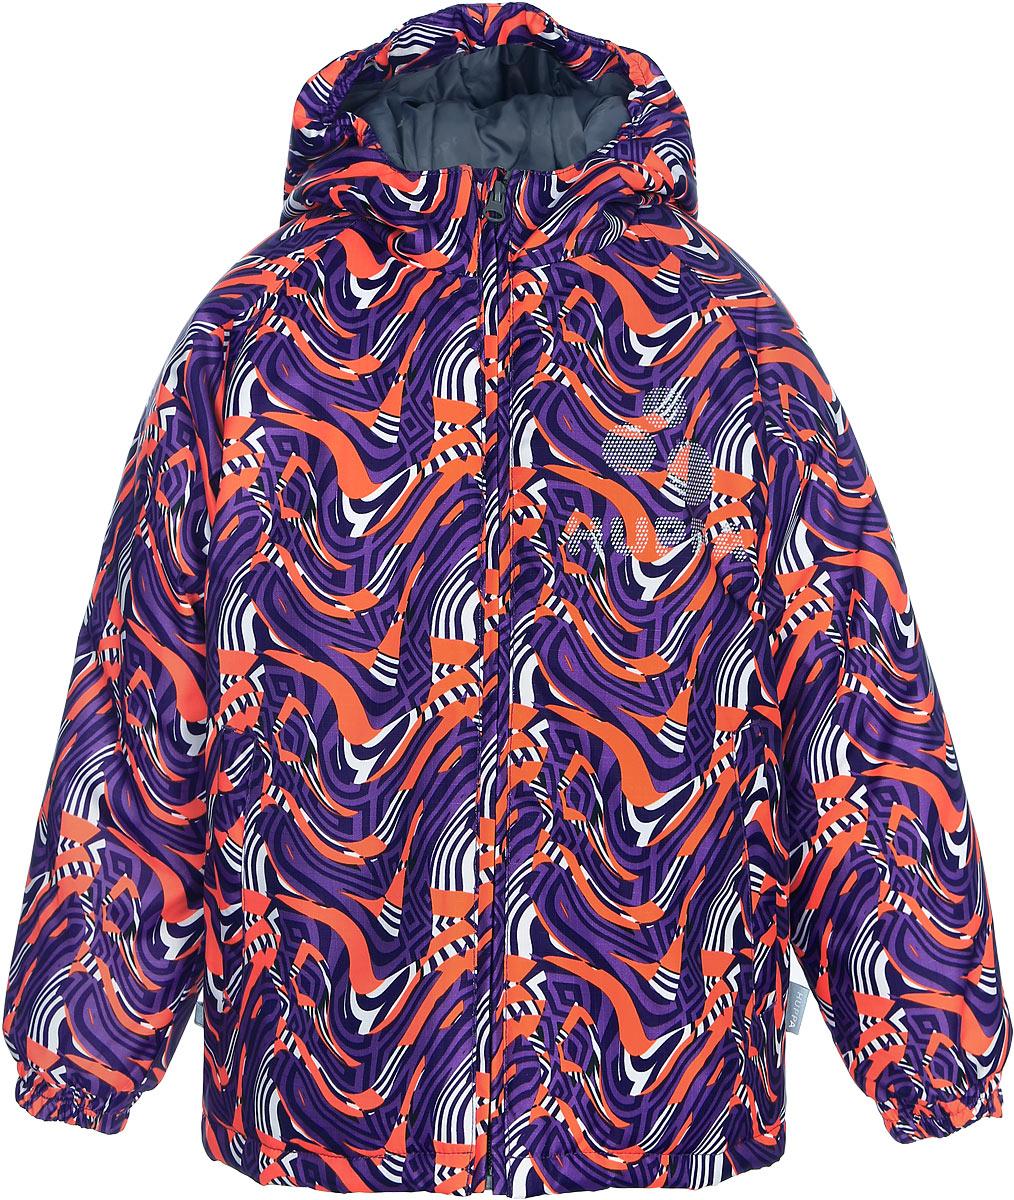 Куртка детская Huppa Classy, цвет: пурпурный. 17710030-483. Размер 12217710030-483Детская куртка Huppa изготовлена из водонепроницаемого полиэстера. Куртка с капюшоном застегивается на пластиковую застежку-молнию с защитой подбородка. Края капюшона и рукавов собраны на внутренние резинки. У модели имеются два врезных кармана. Изделие дополнено светоотражающими элементами.